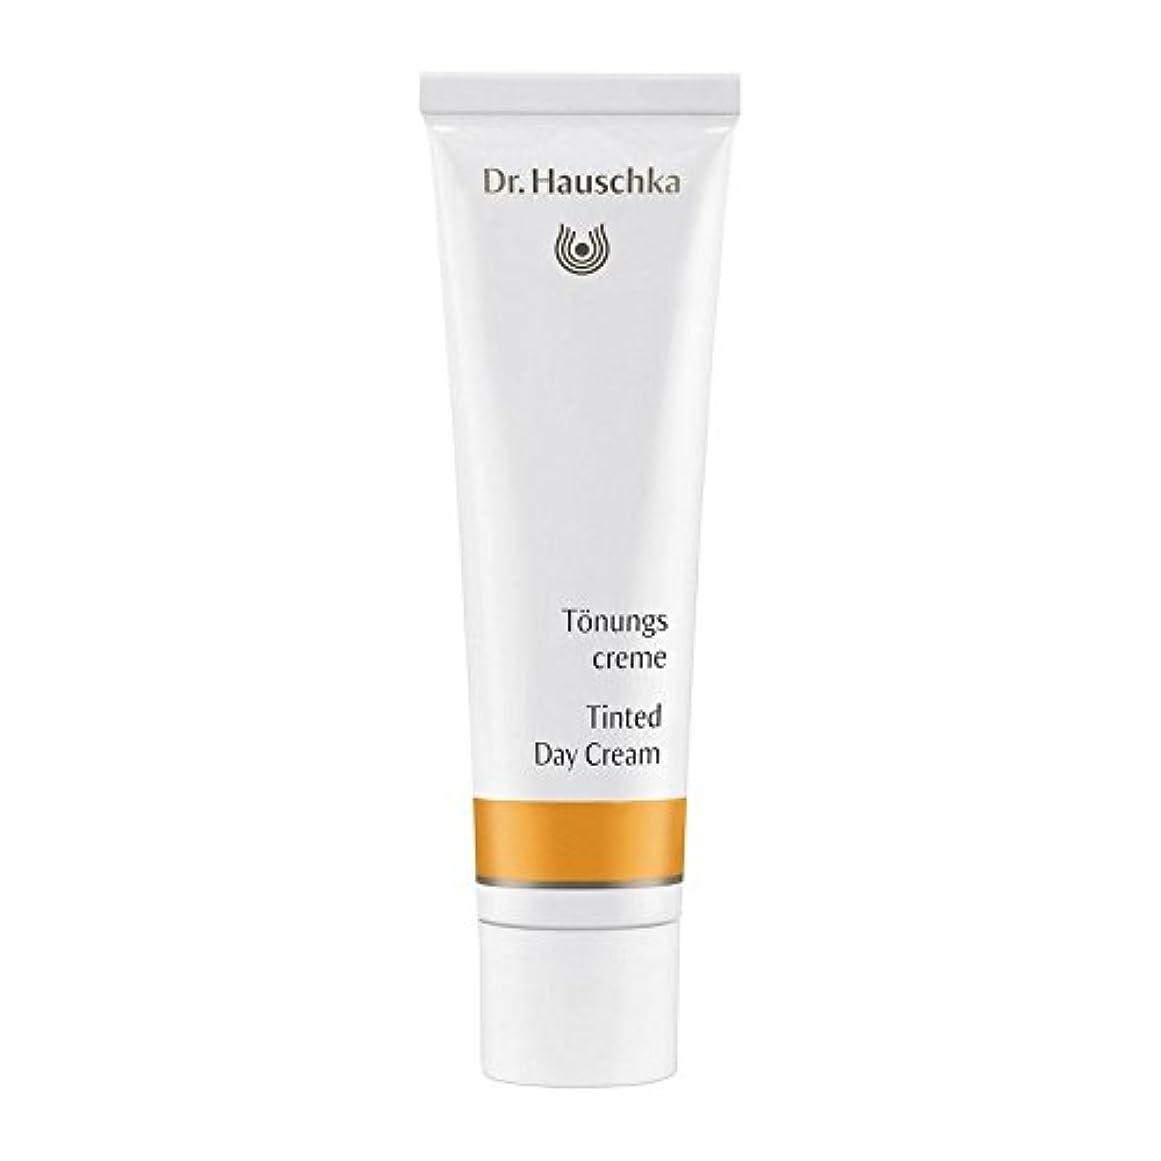 クッションミシン目インクハウシュカ着色デイクリーム30 x2 - Dr. Hauschka Tinted Day Cream 30ml (Pack of 2) [並行輸入品]